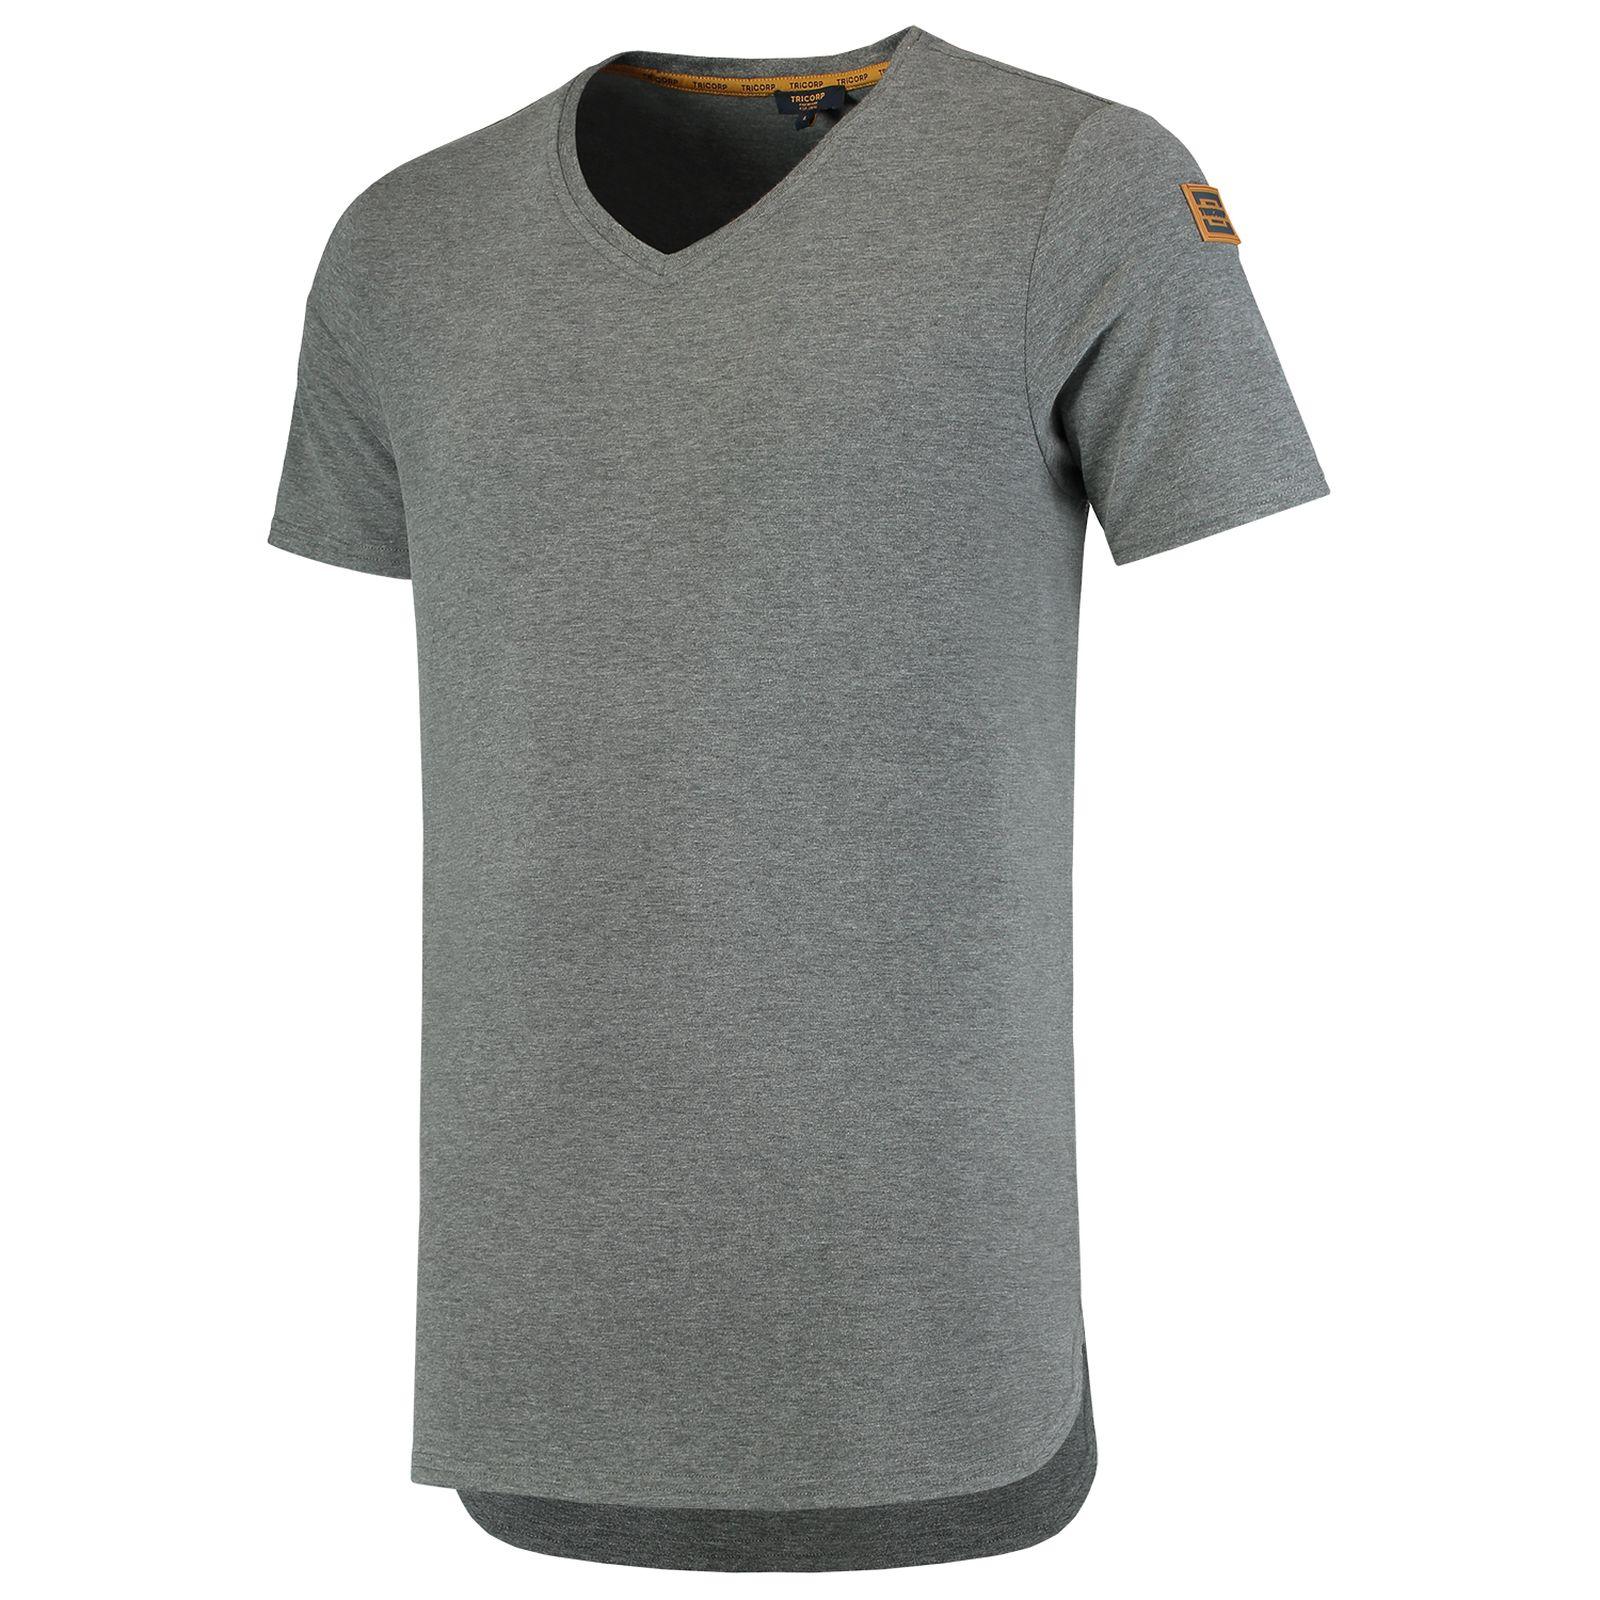 Tricorp Premium T-shirts 104003 steengrijs melange(Stonemel)